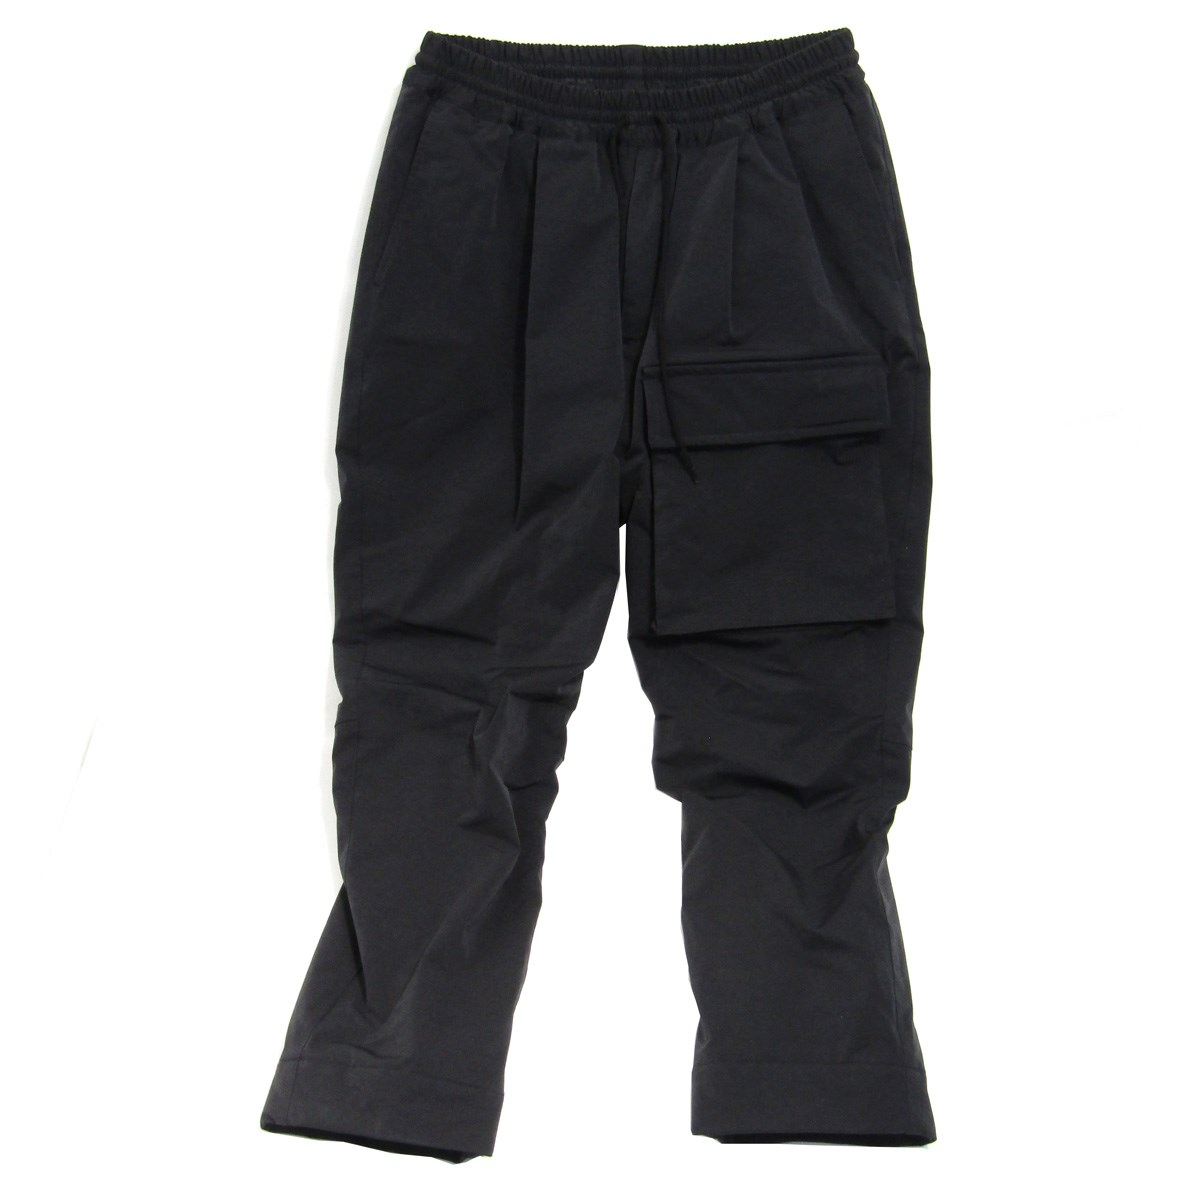 【中古】MOUT RECON TAILORlow loft leg pocket pant レッグポケット イージーパンツ ブラック サイズ:46 【5月28日見直し】